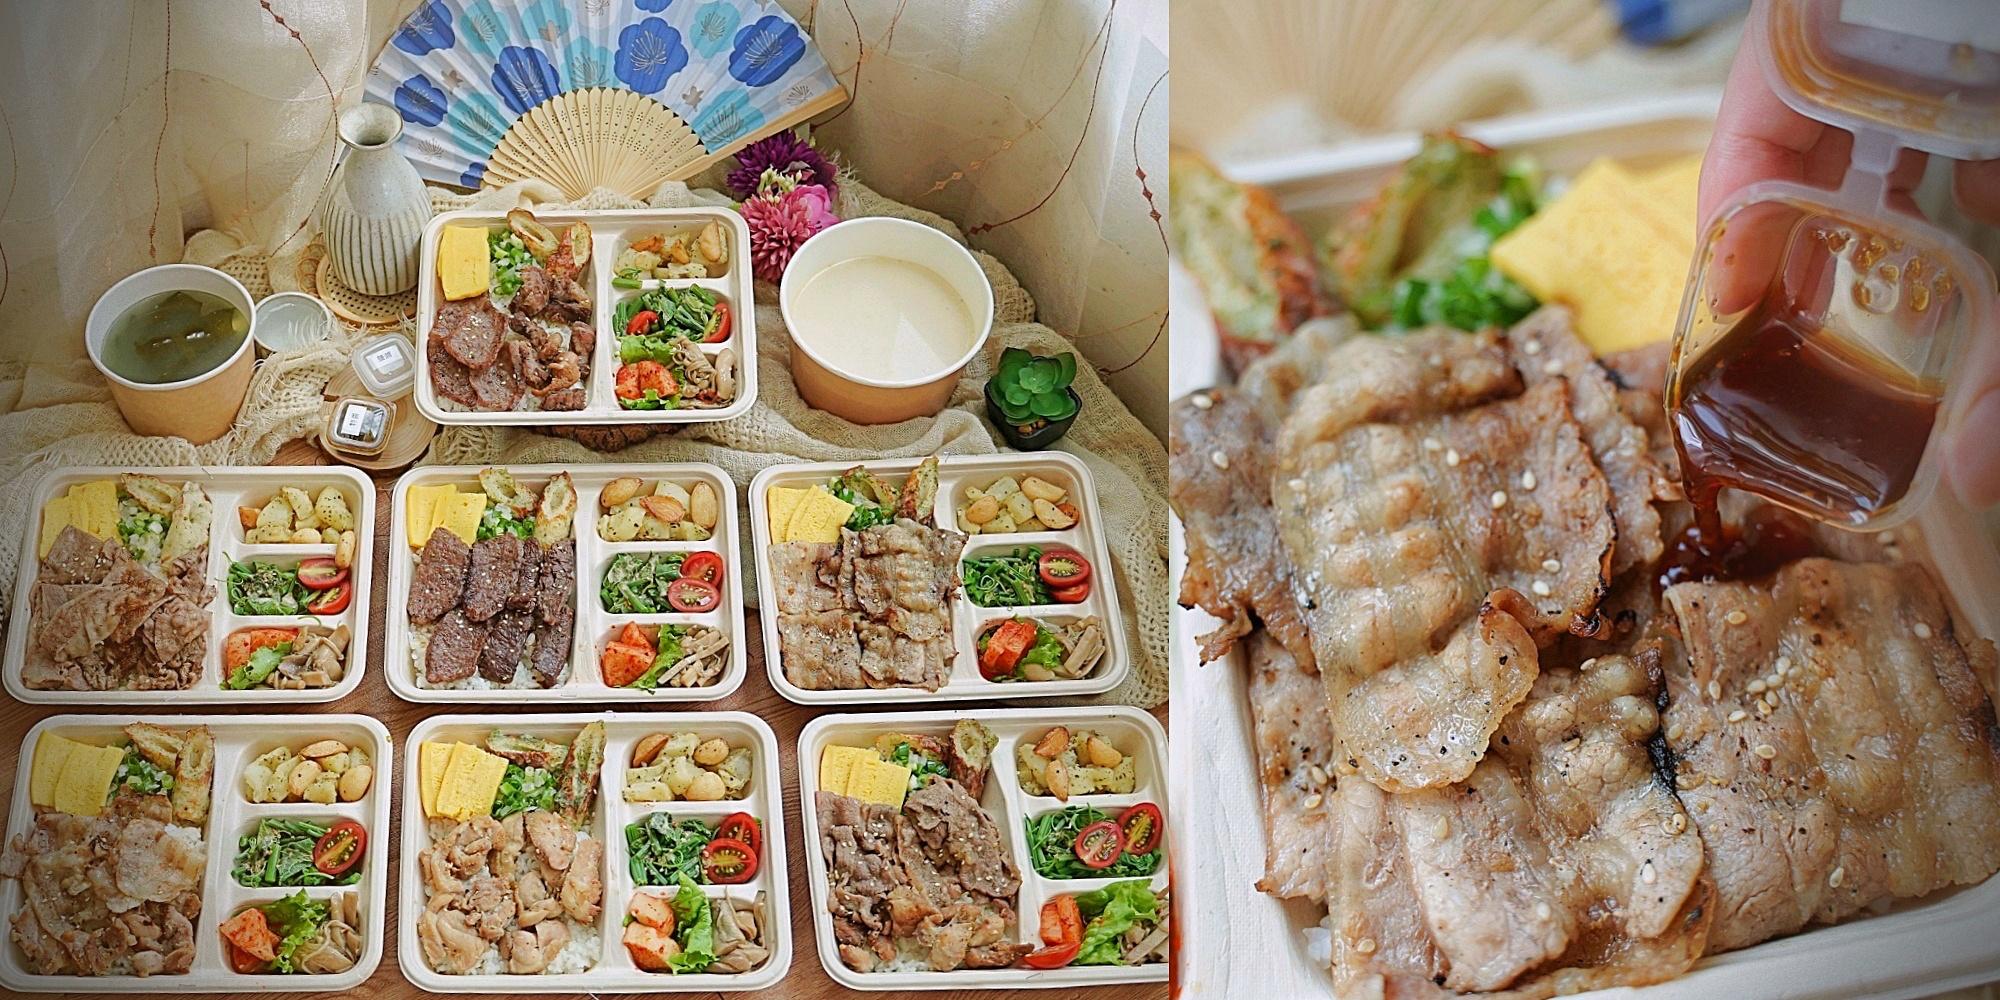 上吉燒肉外帶餐盒|炭火燒肉便當|台北好吃燒肉便當外帶(菜單、價格)